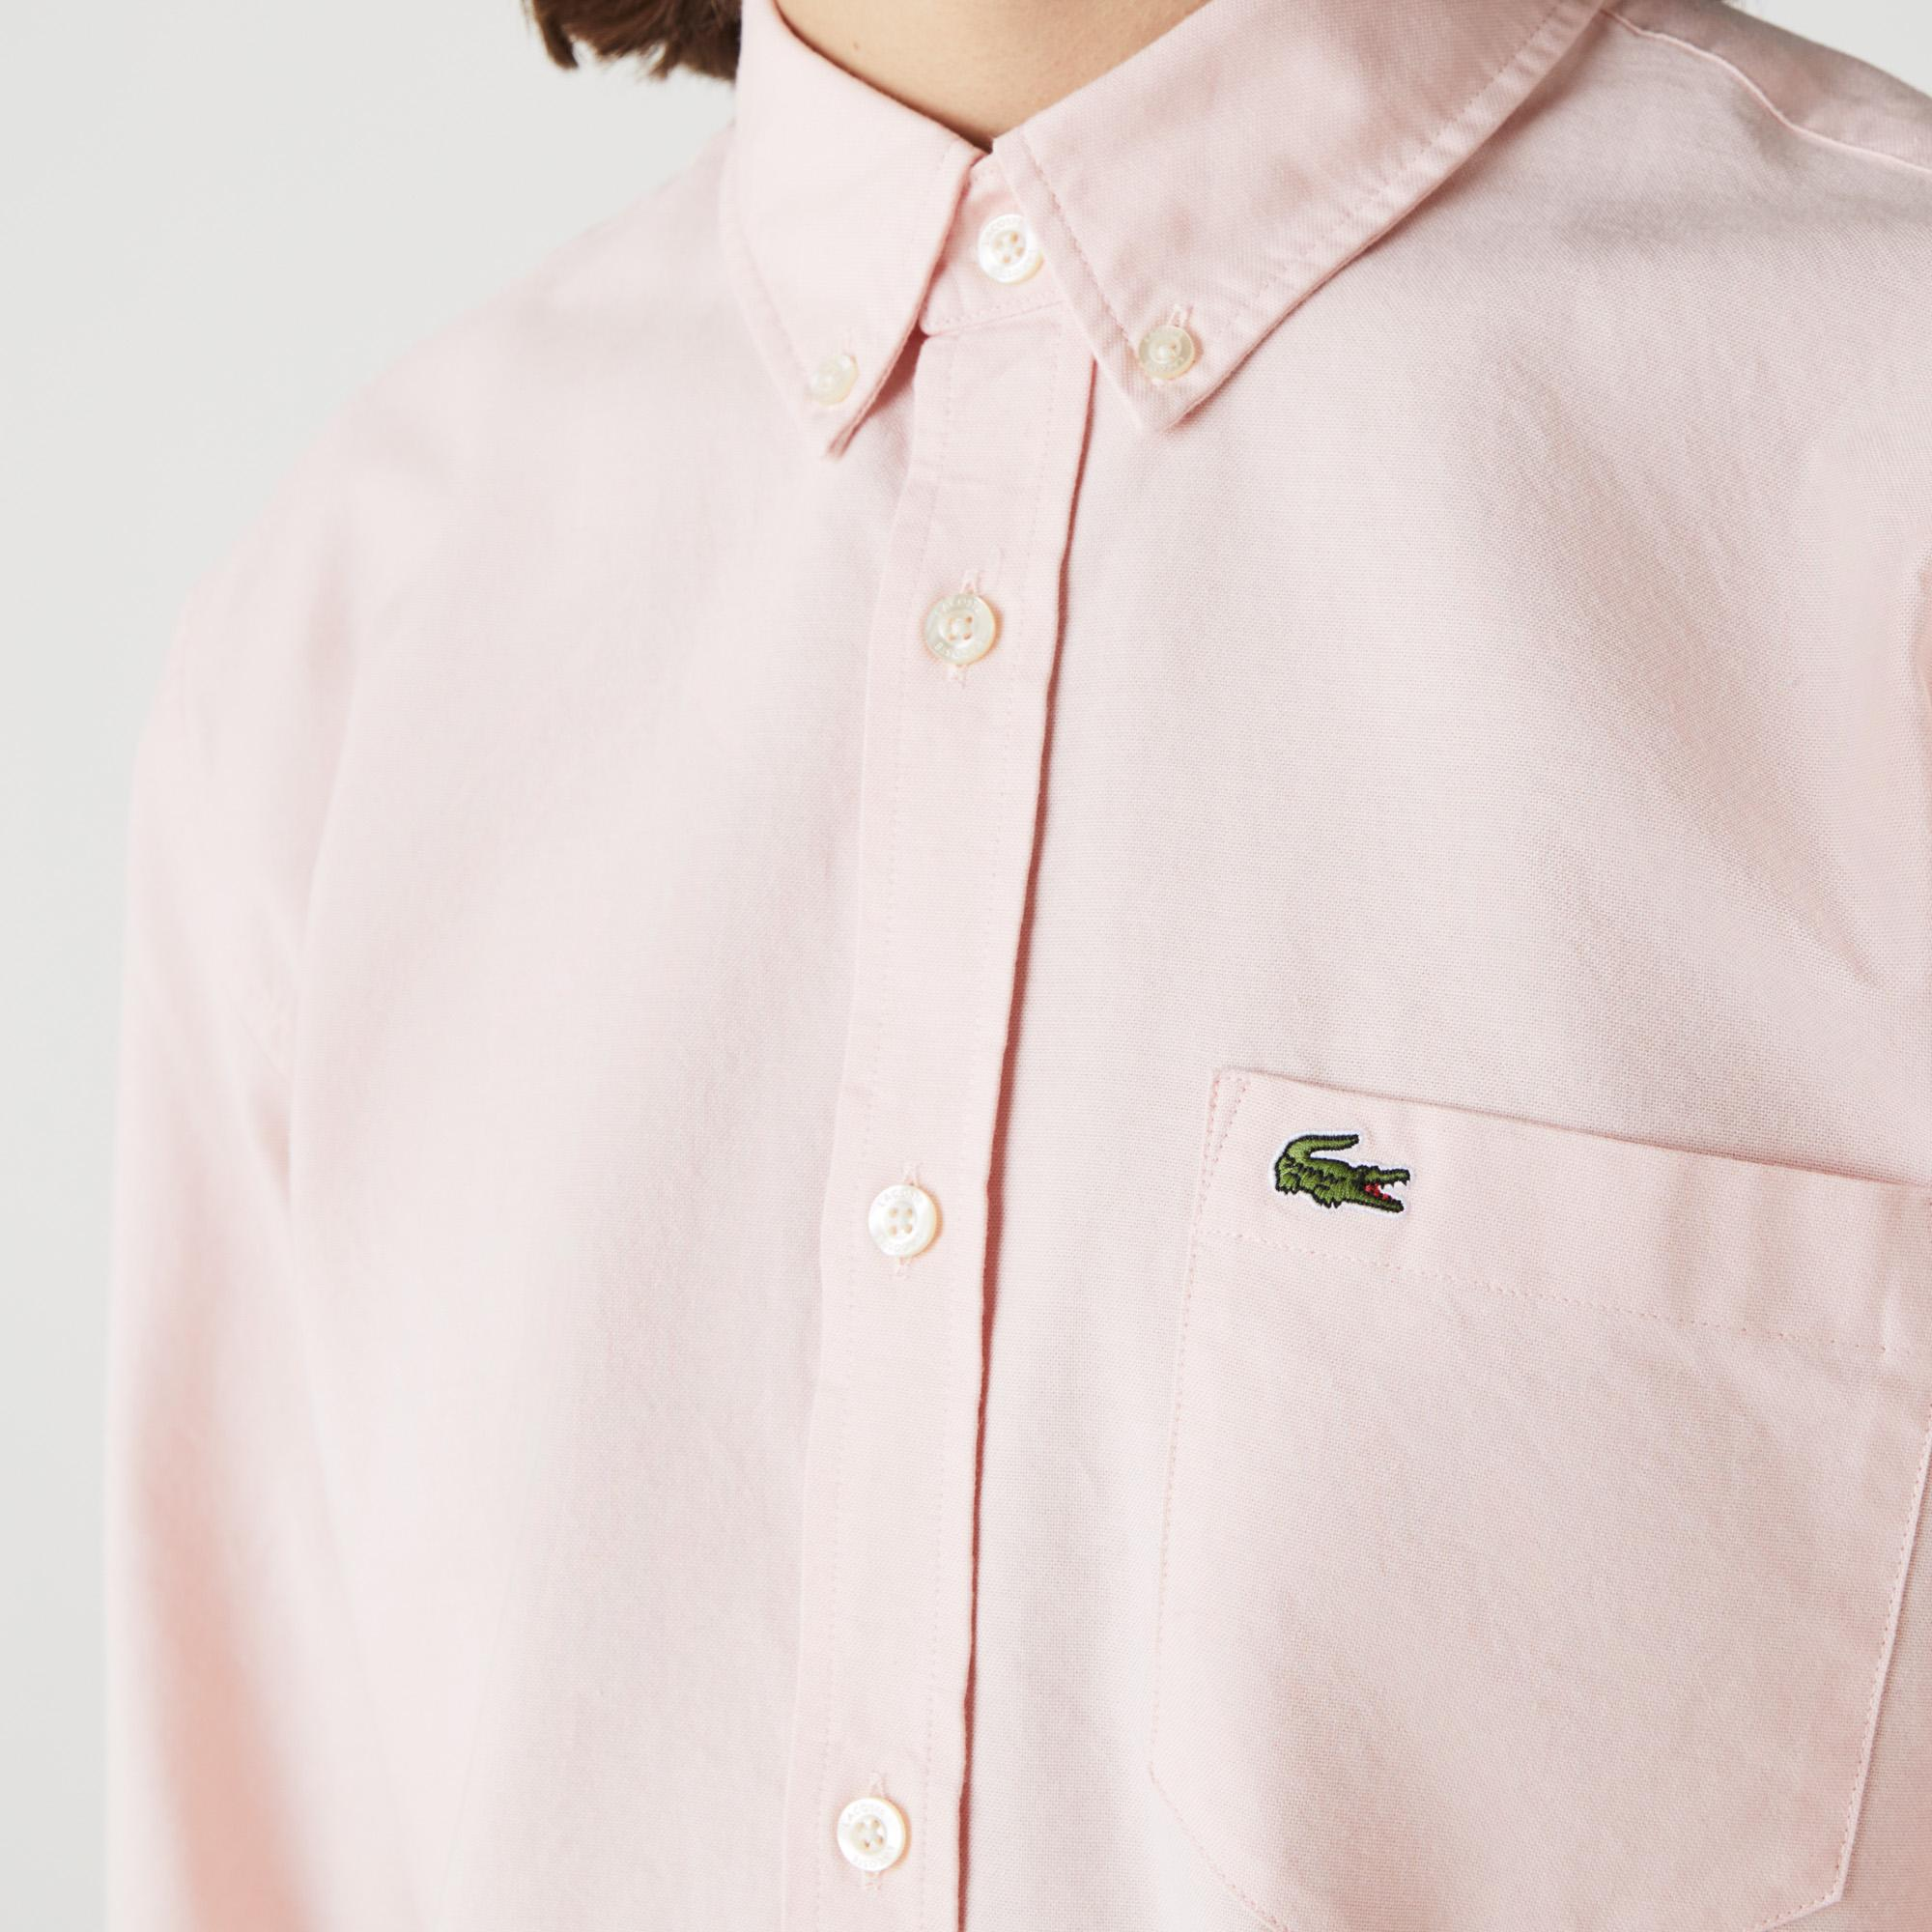 Lacoste Erkek Regular Fit Düğmeli Yaka Pembe Gömlek